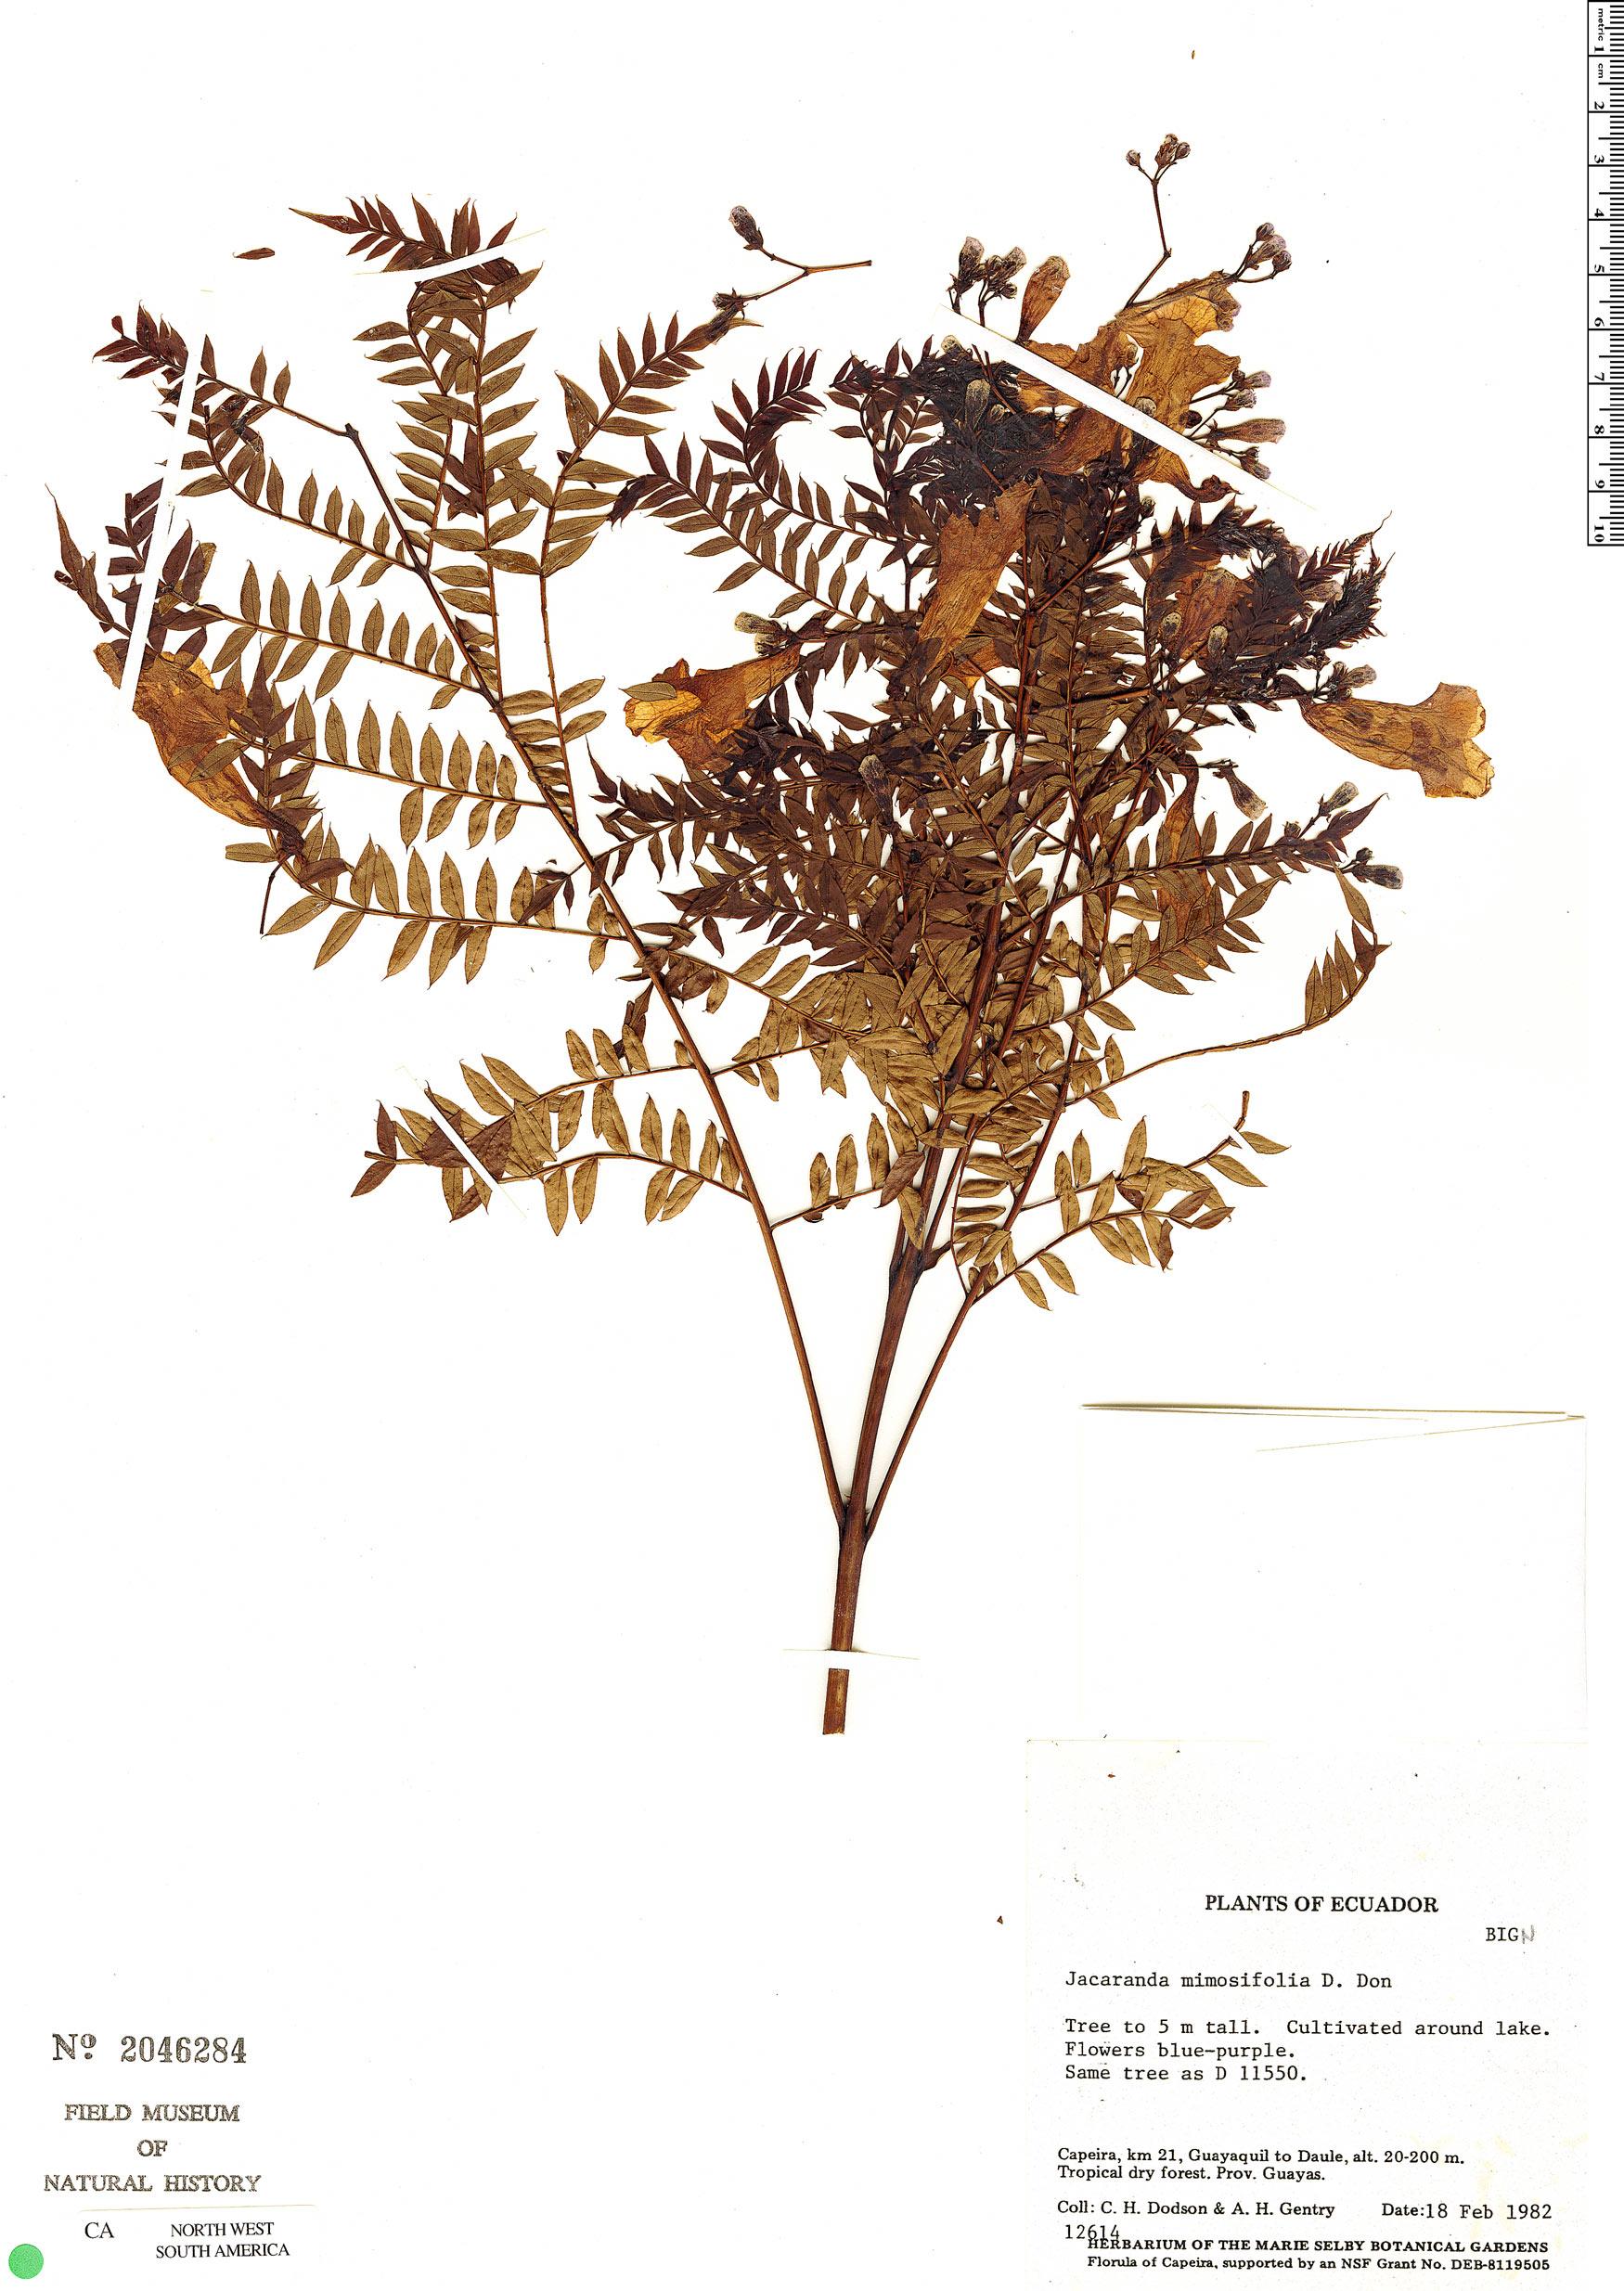 Specimen: Jacaranda mimosifolia